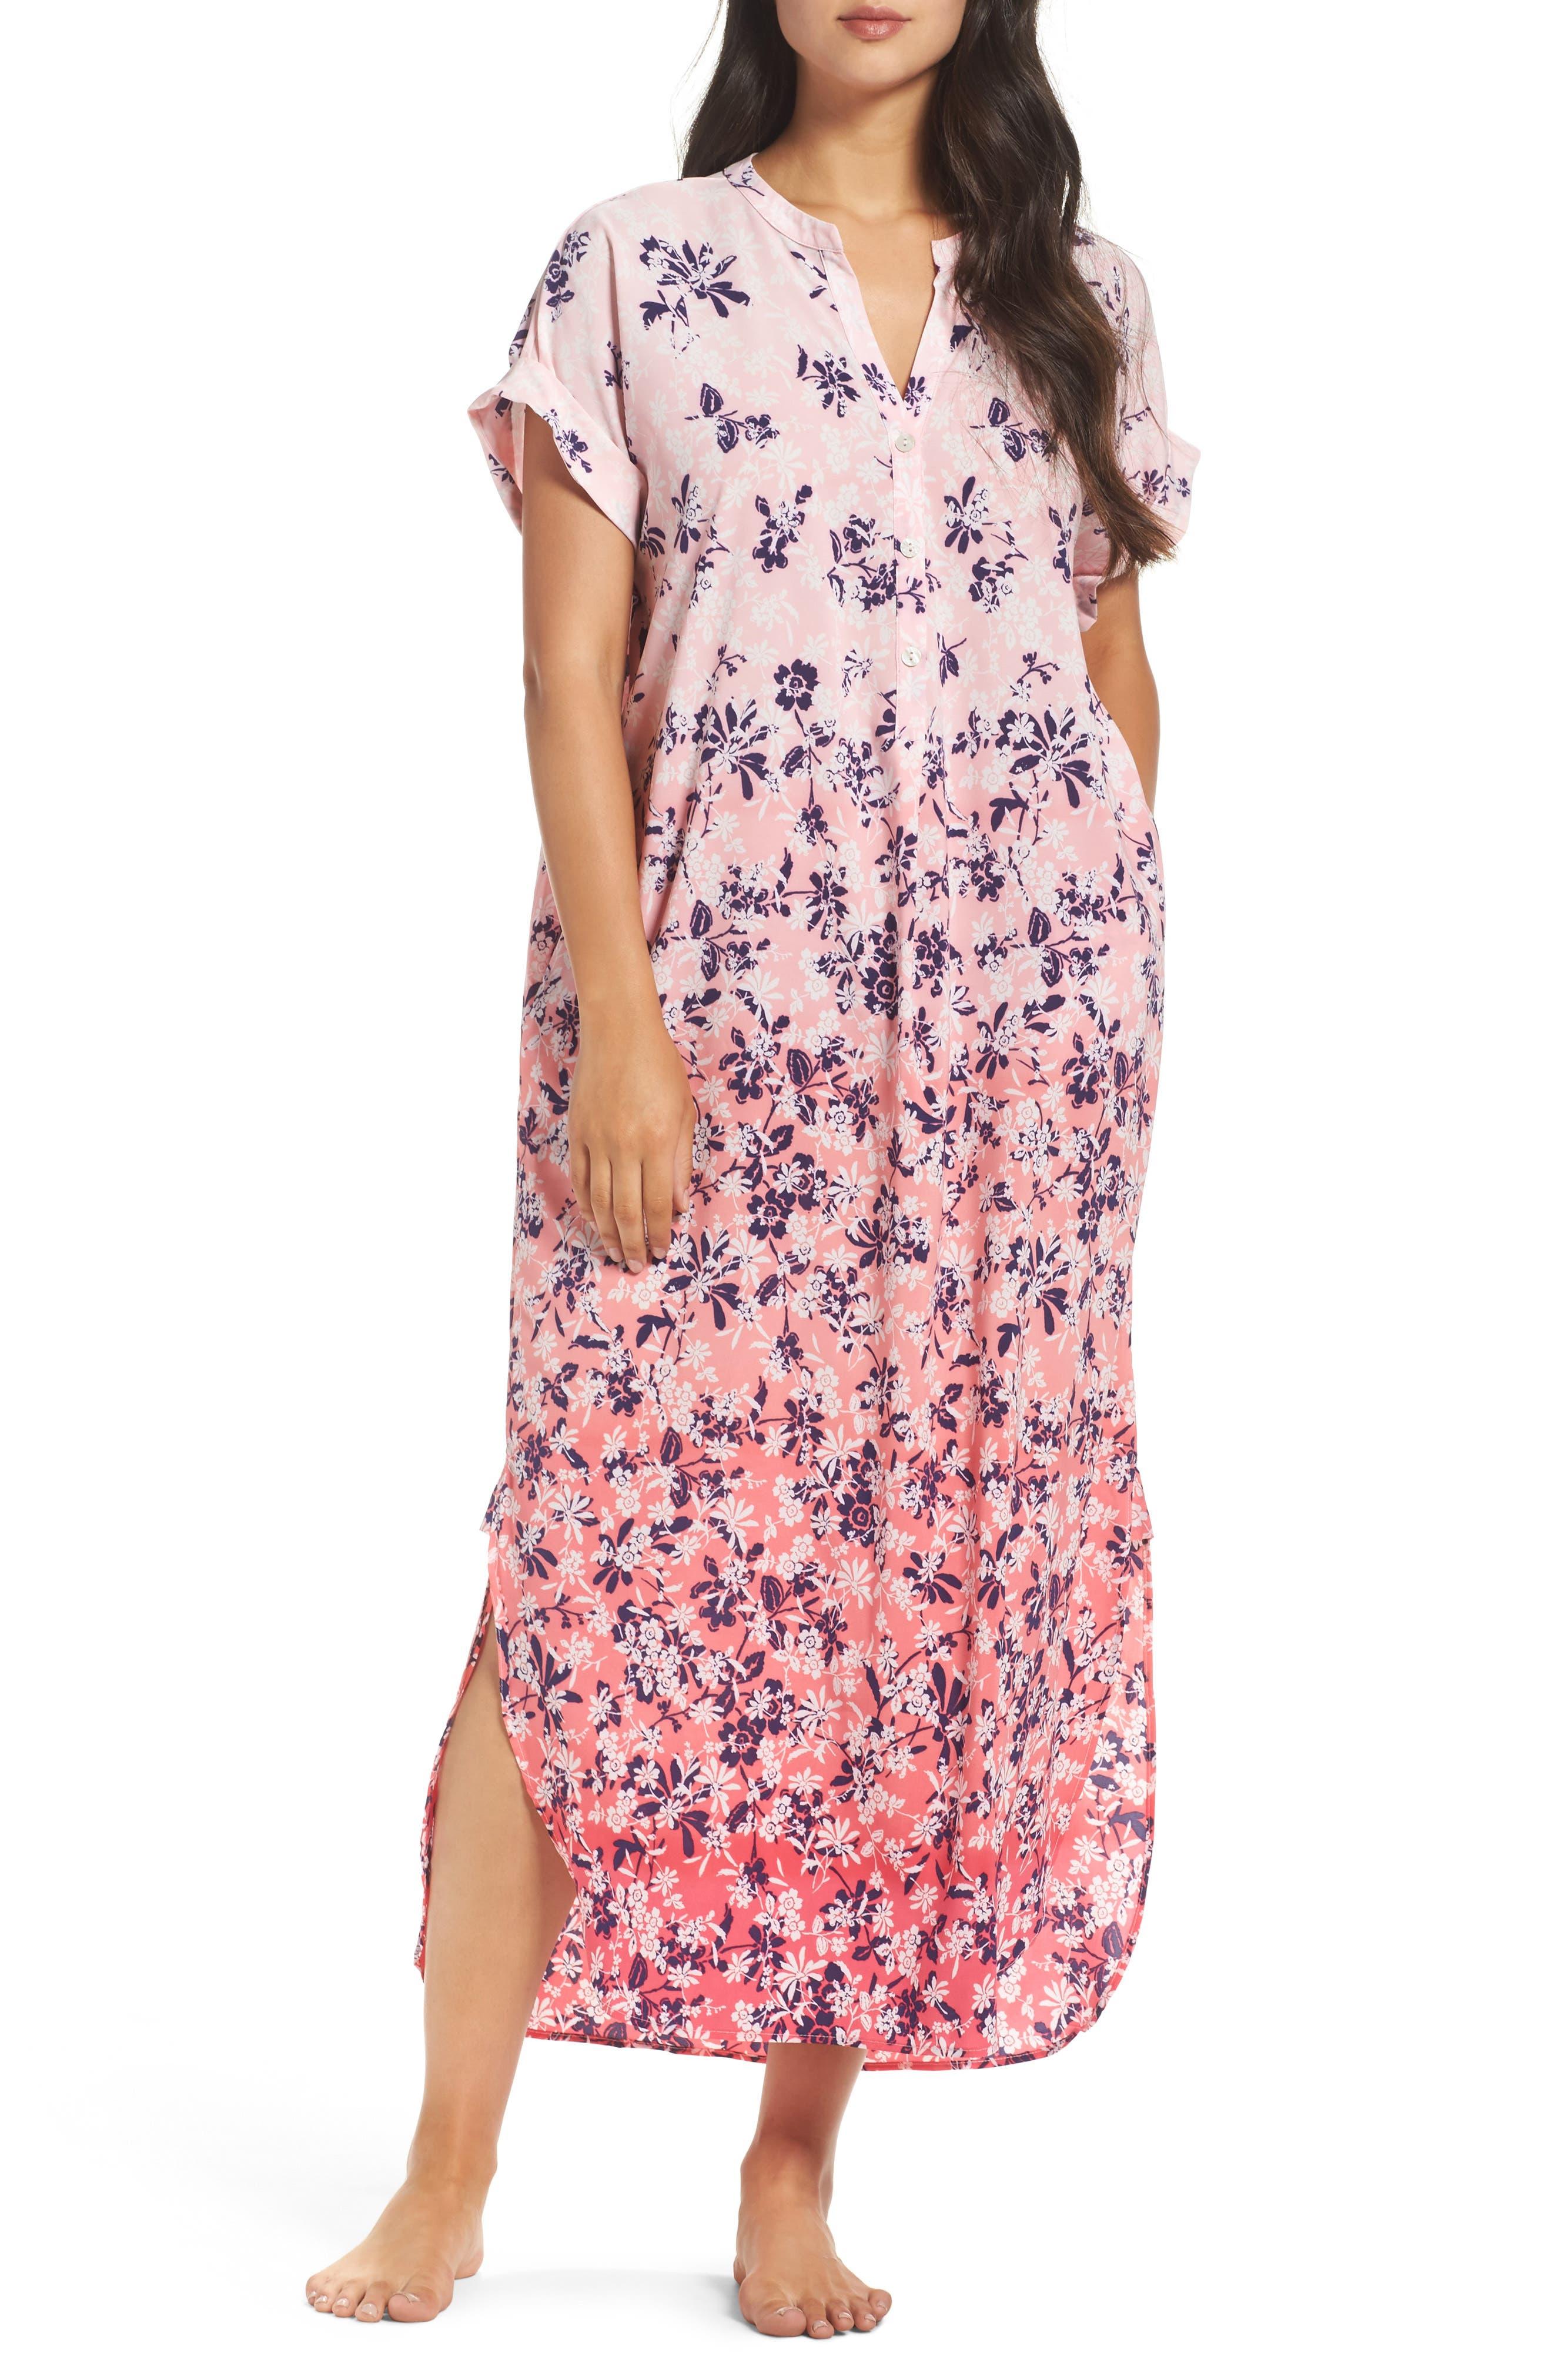 Oscar de la Renta Sleepwear Floral Print Caftan